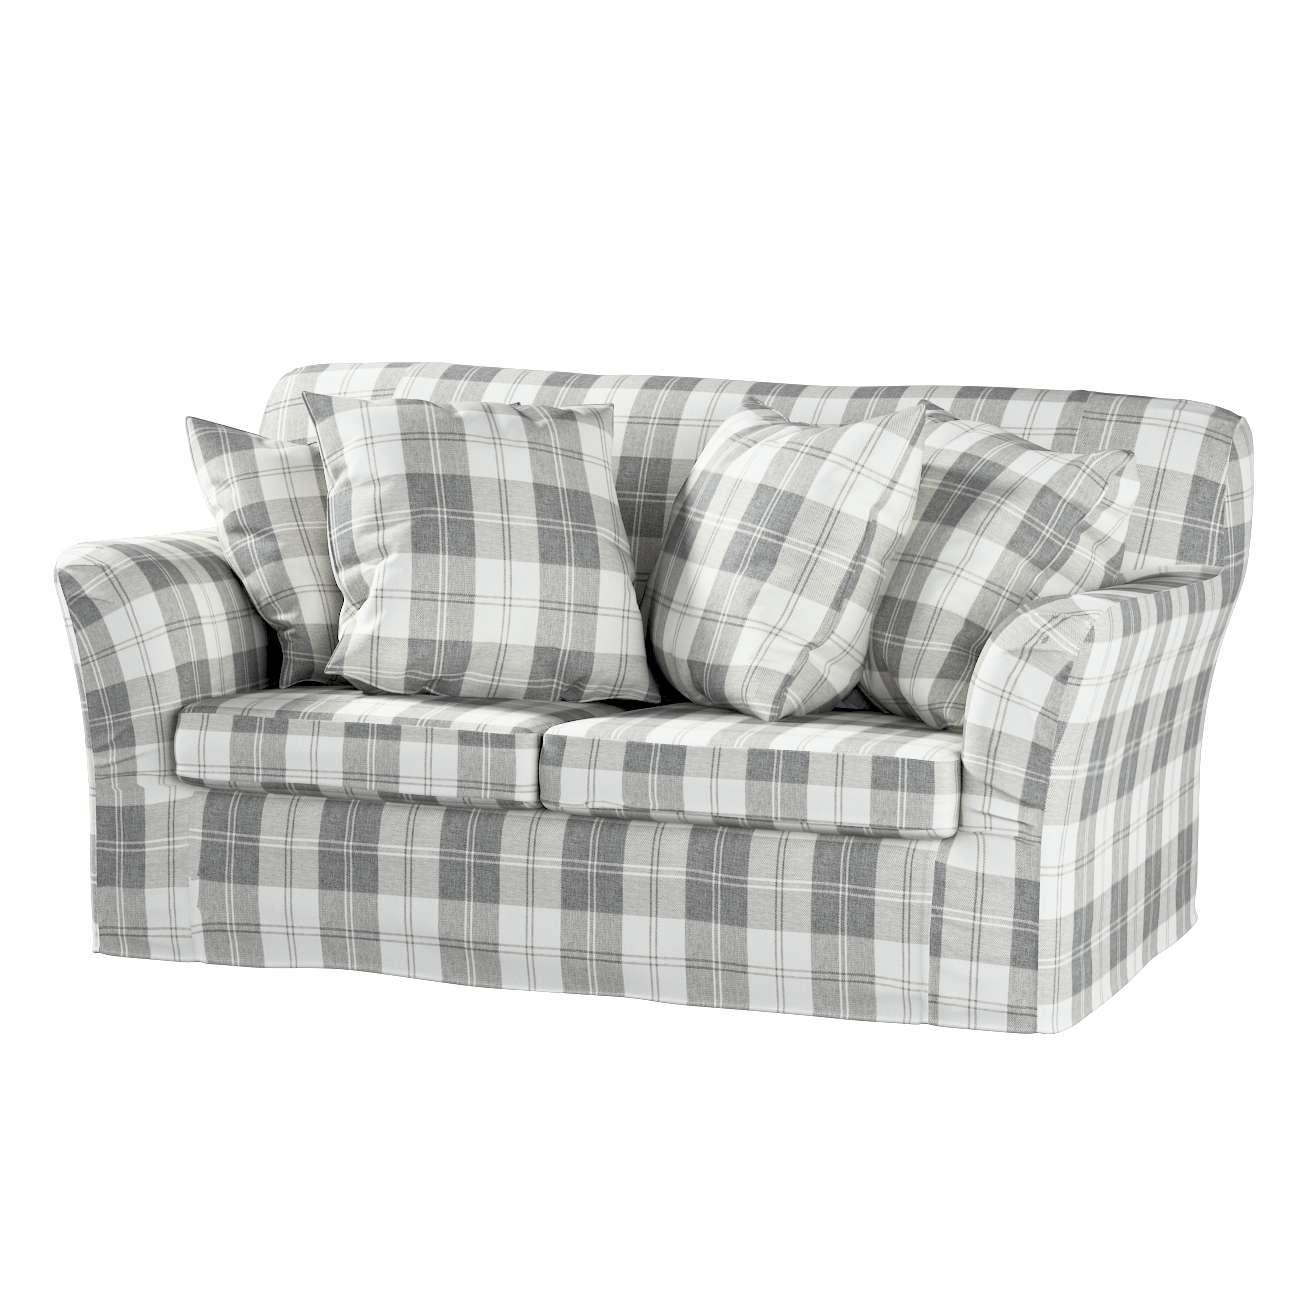 Pokrowiec na sofę Tomelilla 2-osobową nierozkładaną Sofa Tomelilla 2-osobowa w kolekcji Edinburgh, tkanina: 115-79